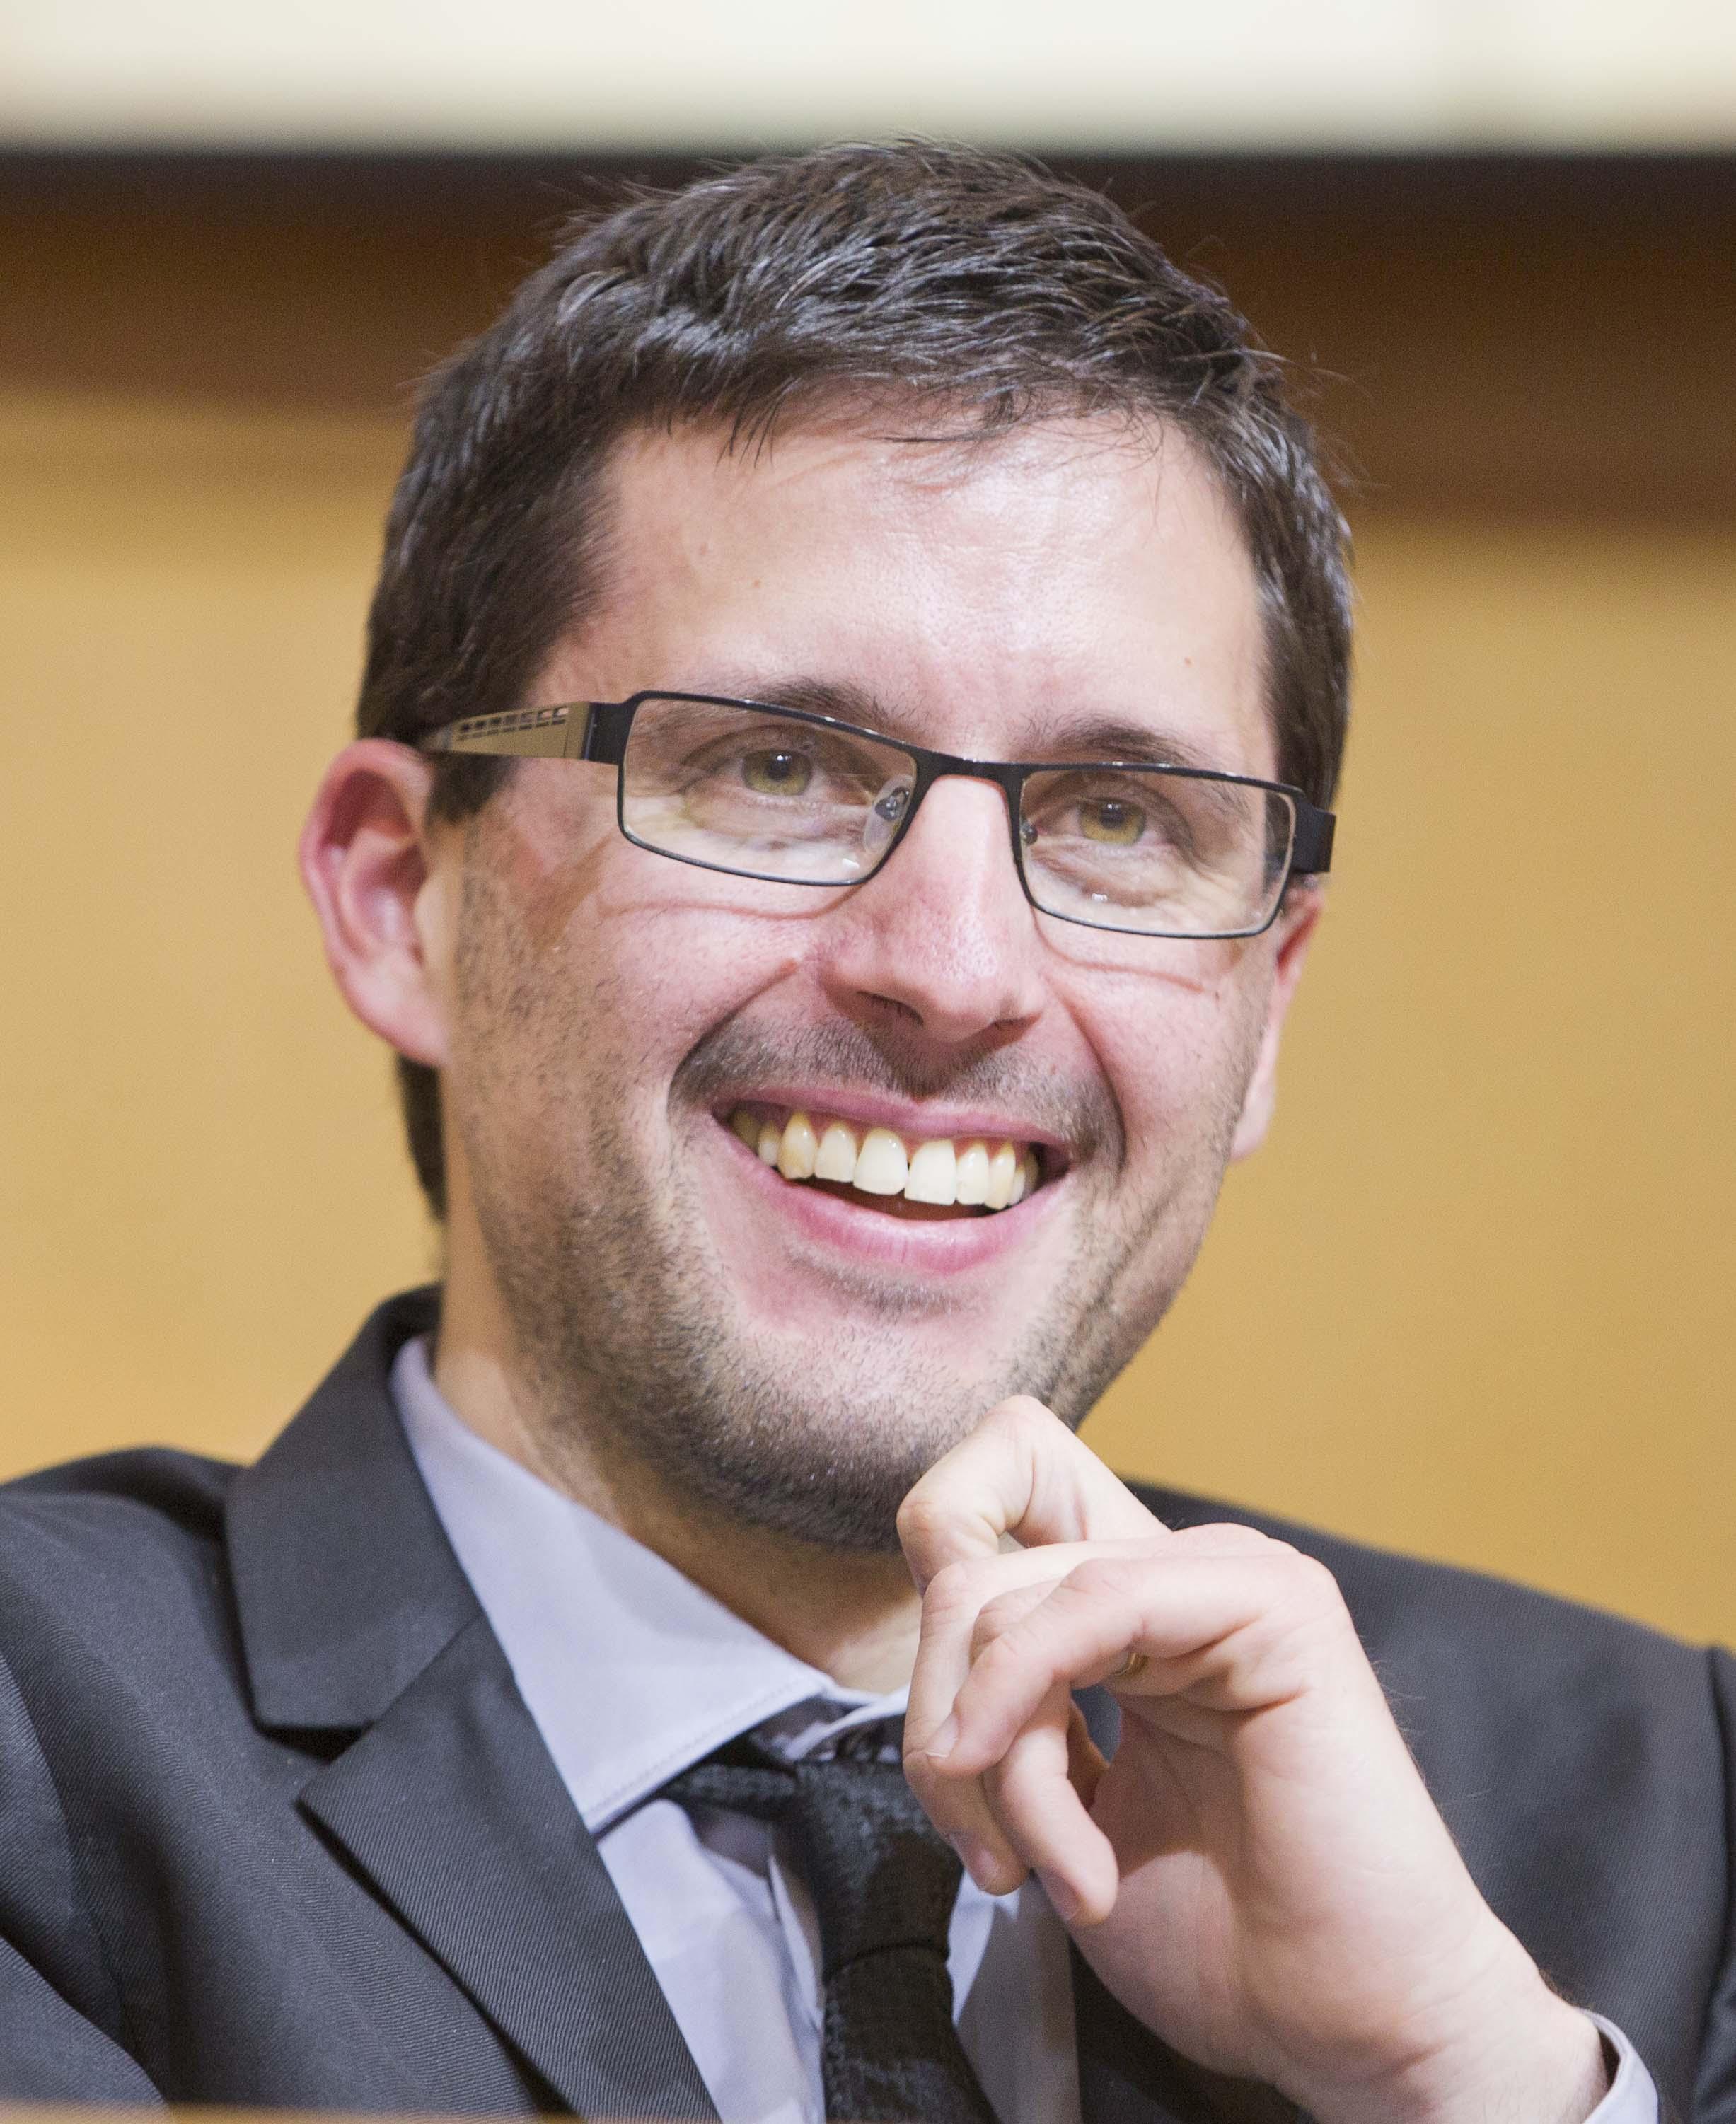 Petr'Antone Tomasi